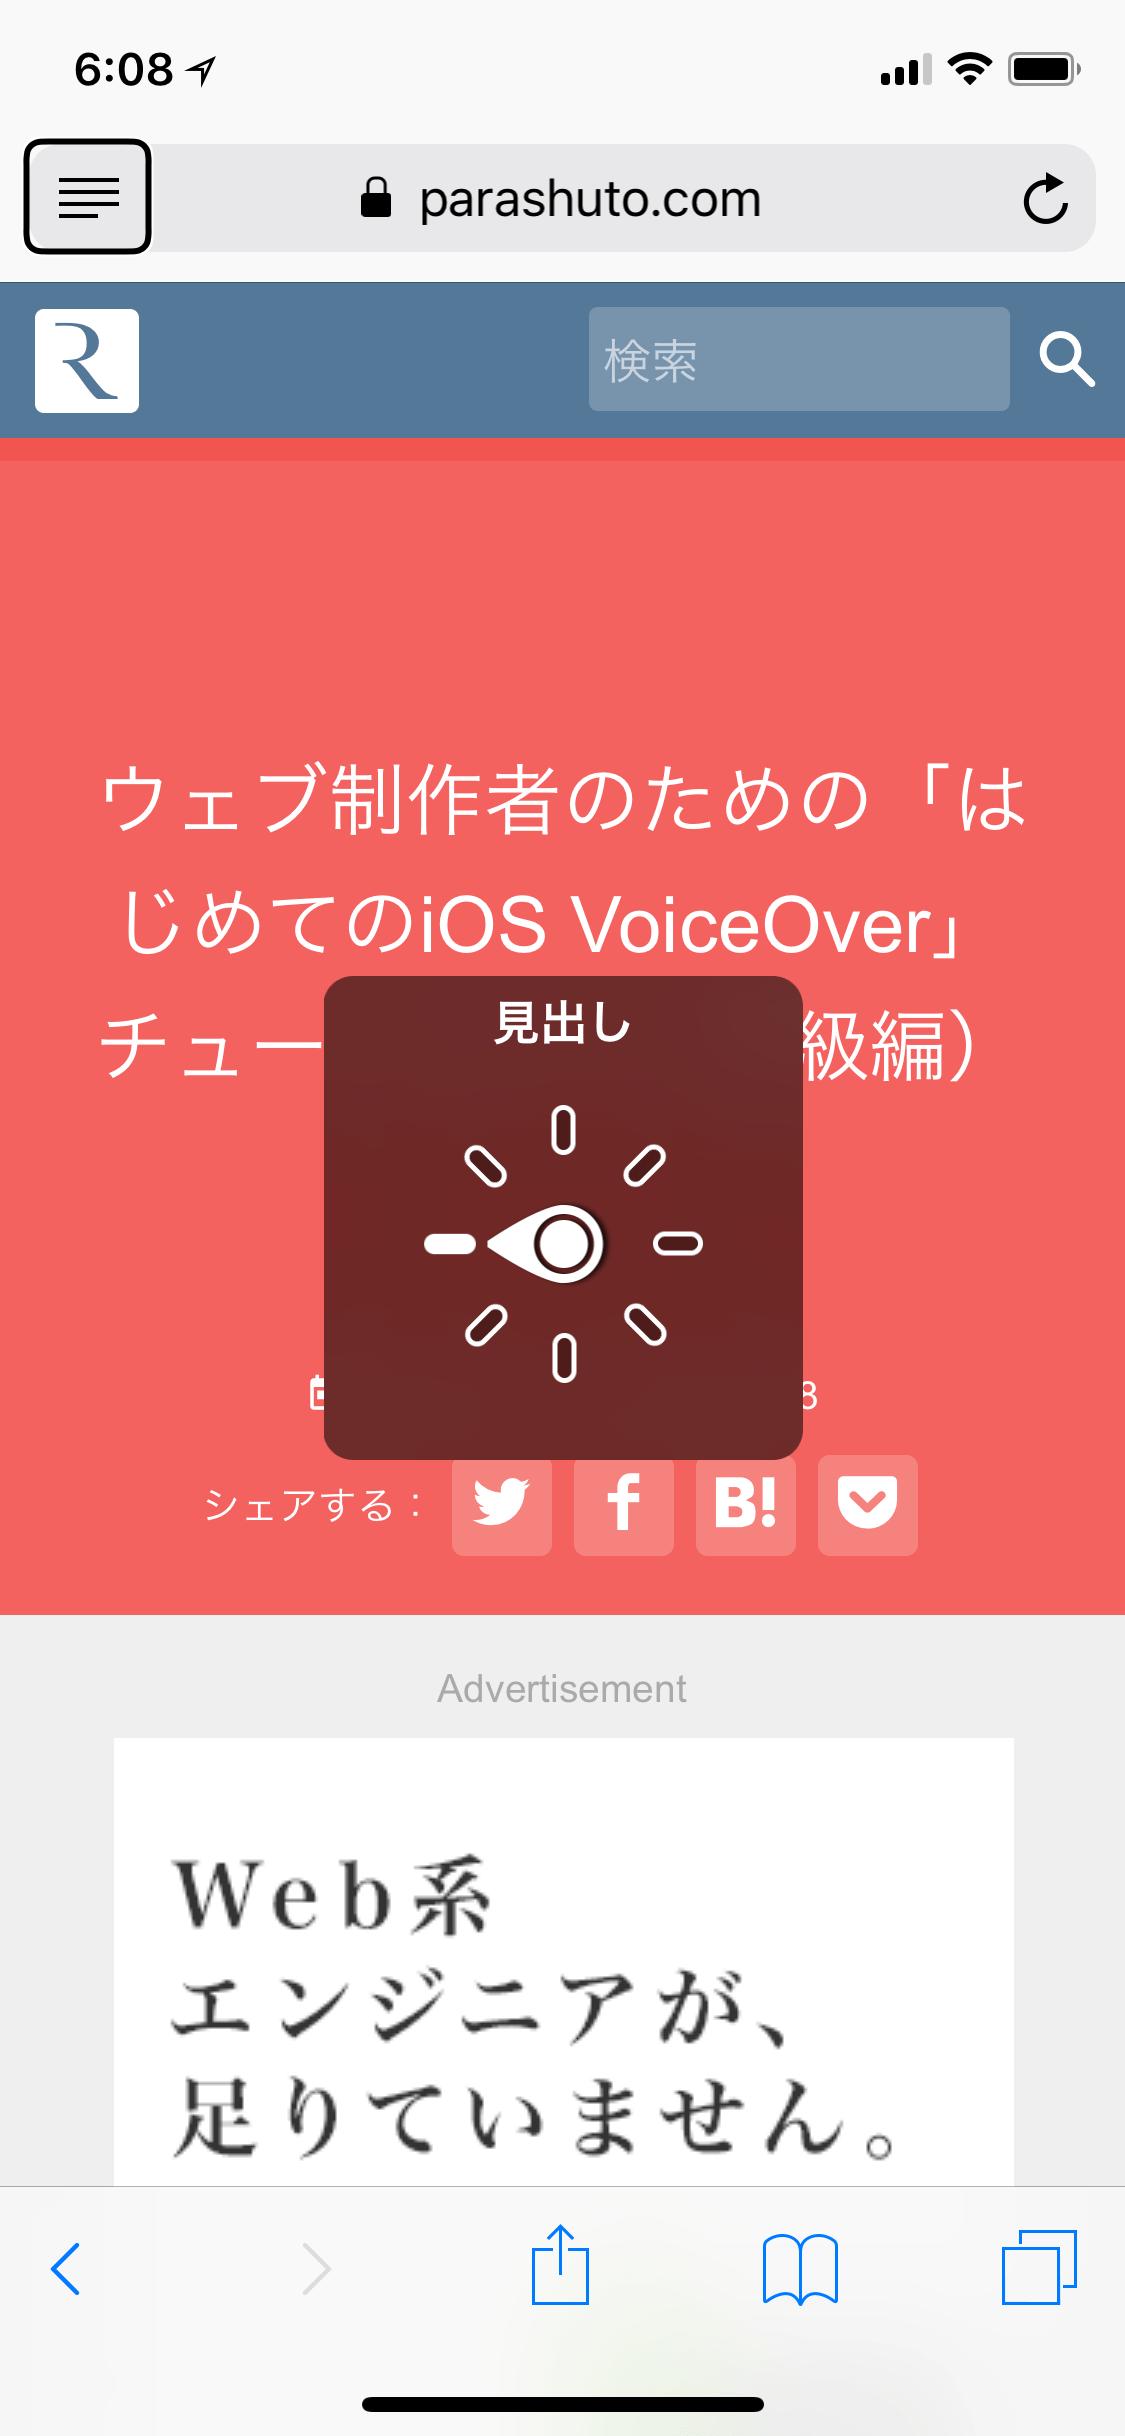 iPhoneでVoiceOverのローターが表示された状態。「見出し」が選択されている